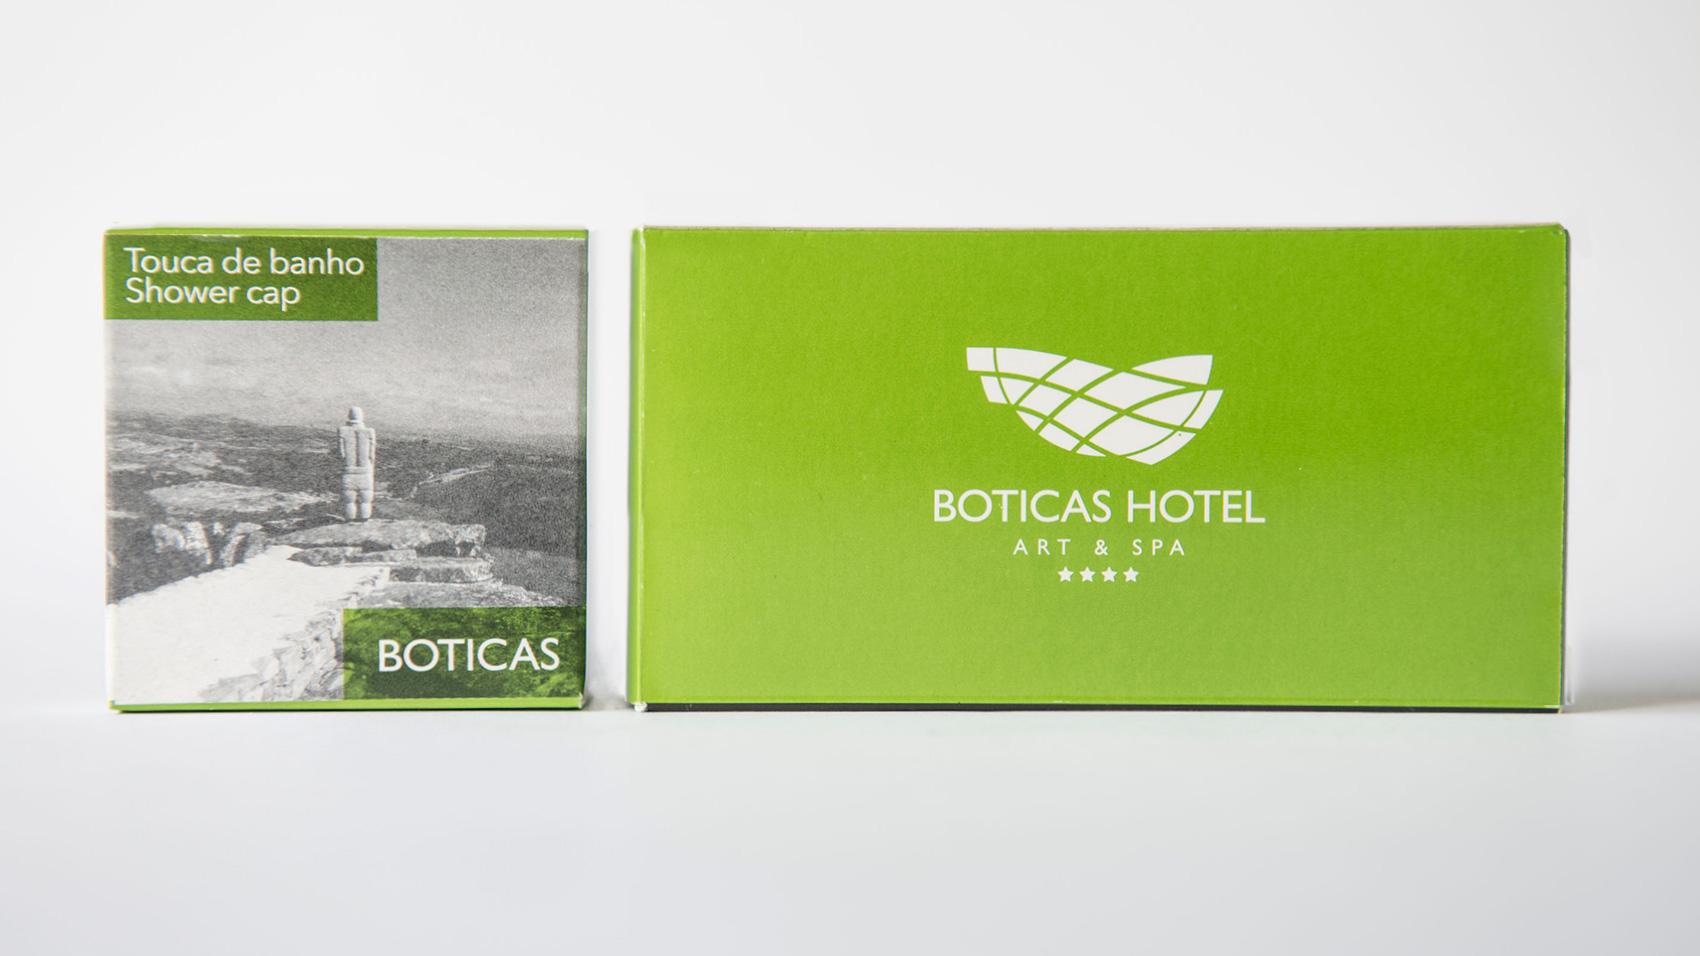 boticas-hotel-005